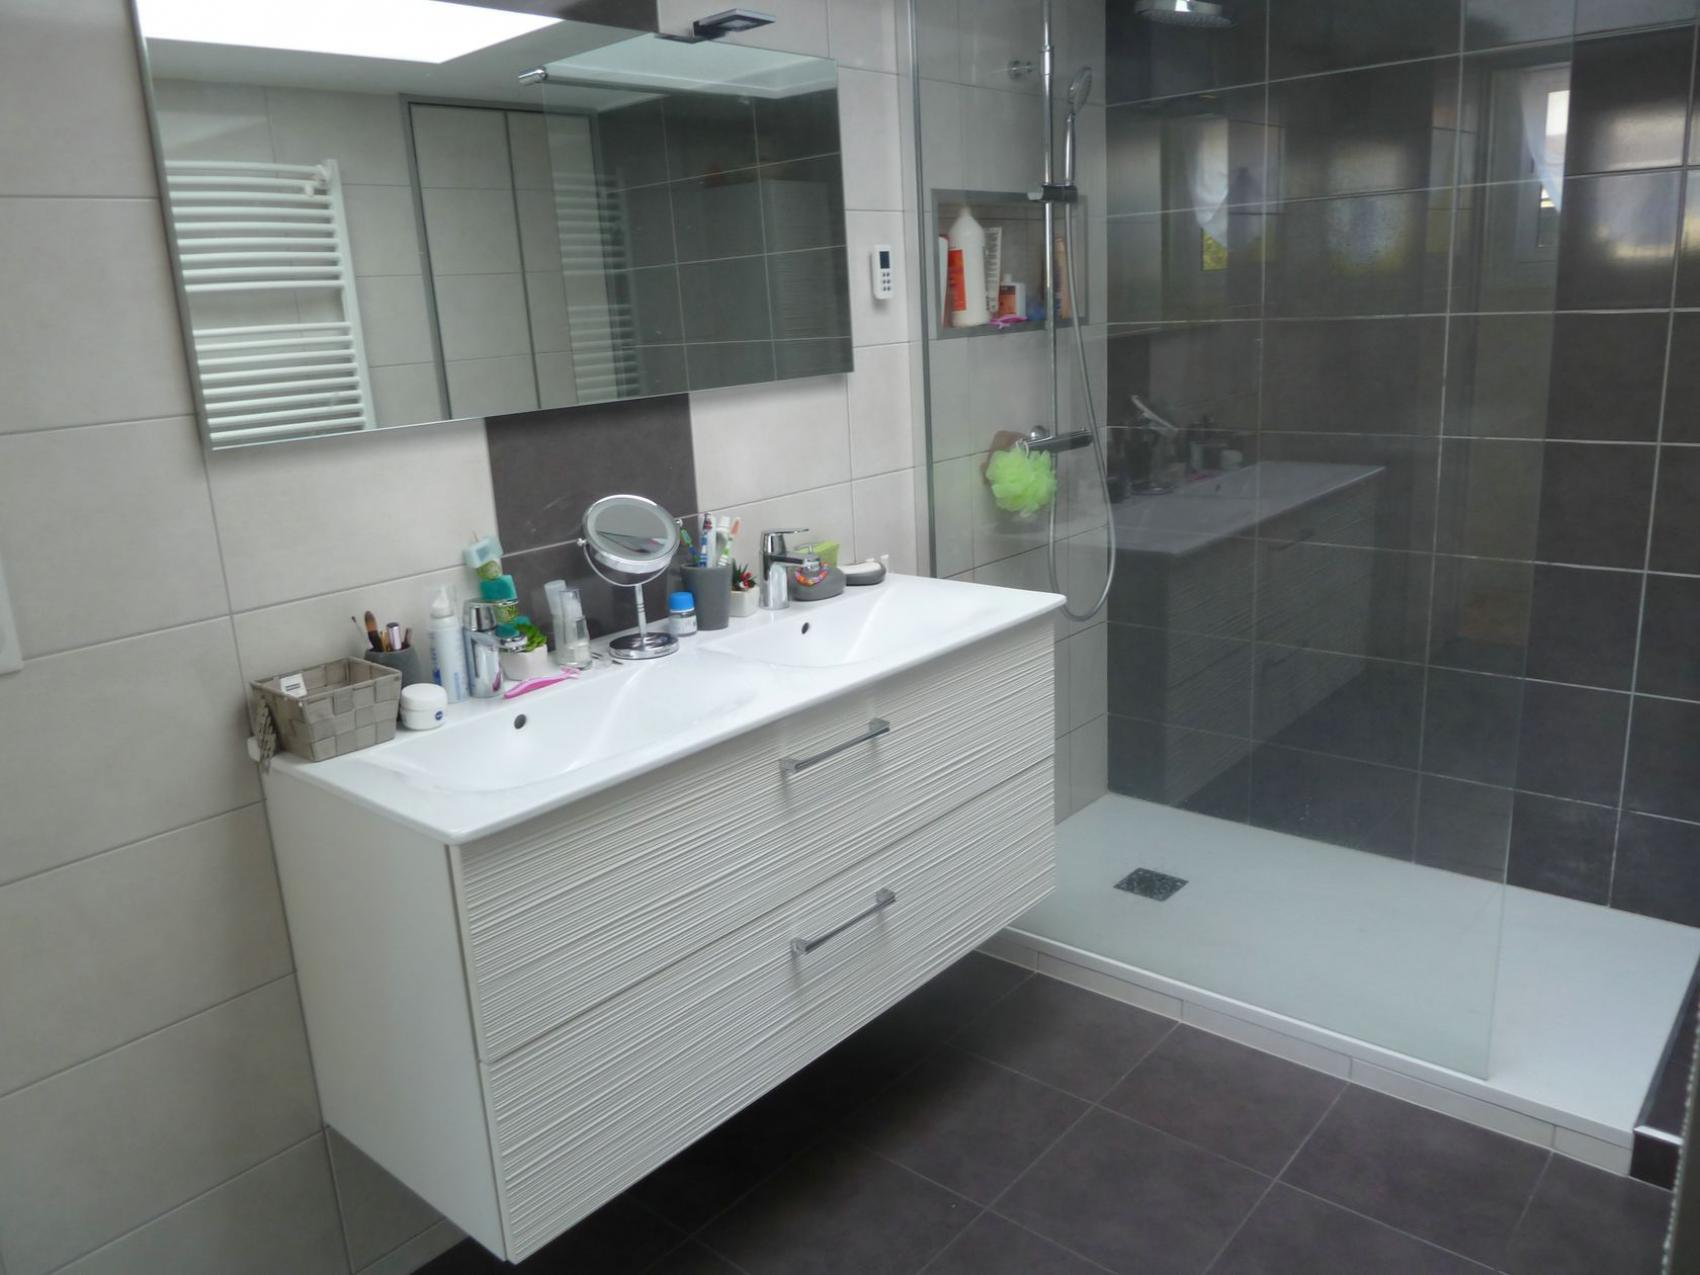 salle d eau image petite salle dueau avec douche et lavabo with salle d eau free salledeau. Black Bedroom Furniture Sets. Home Design Ideas